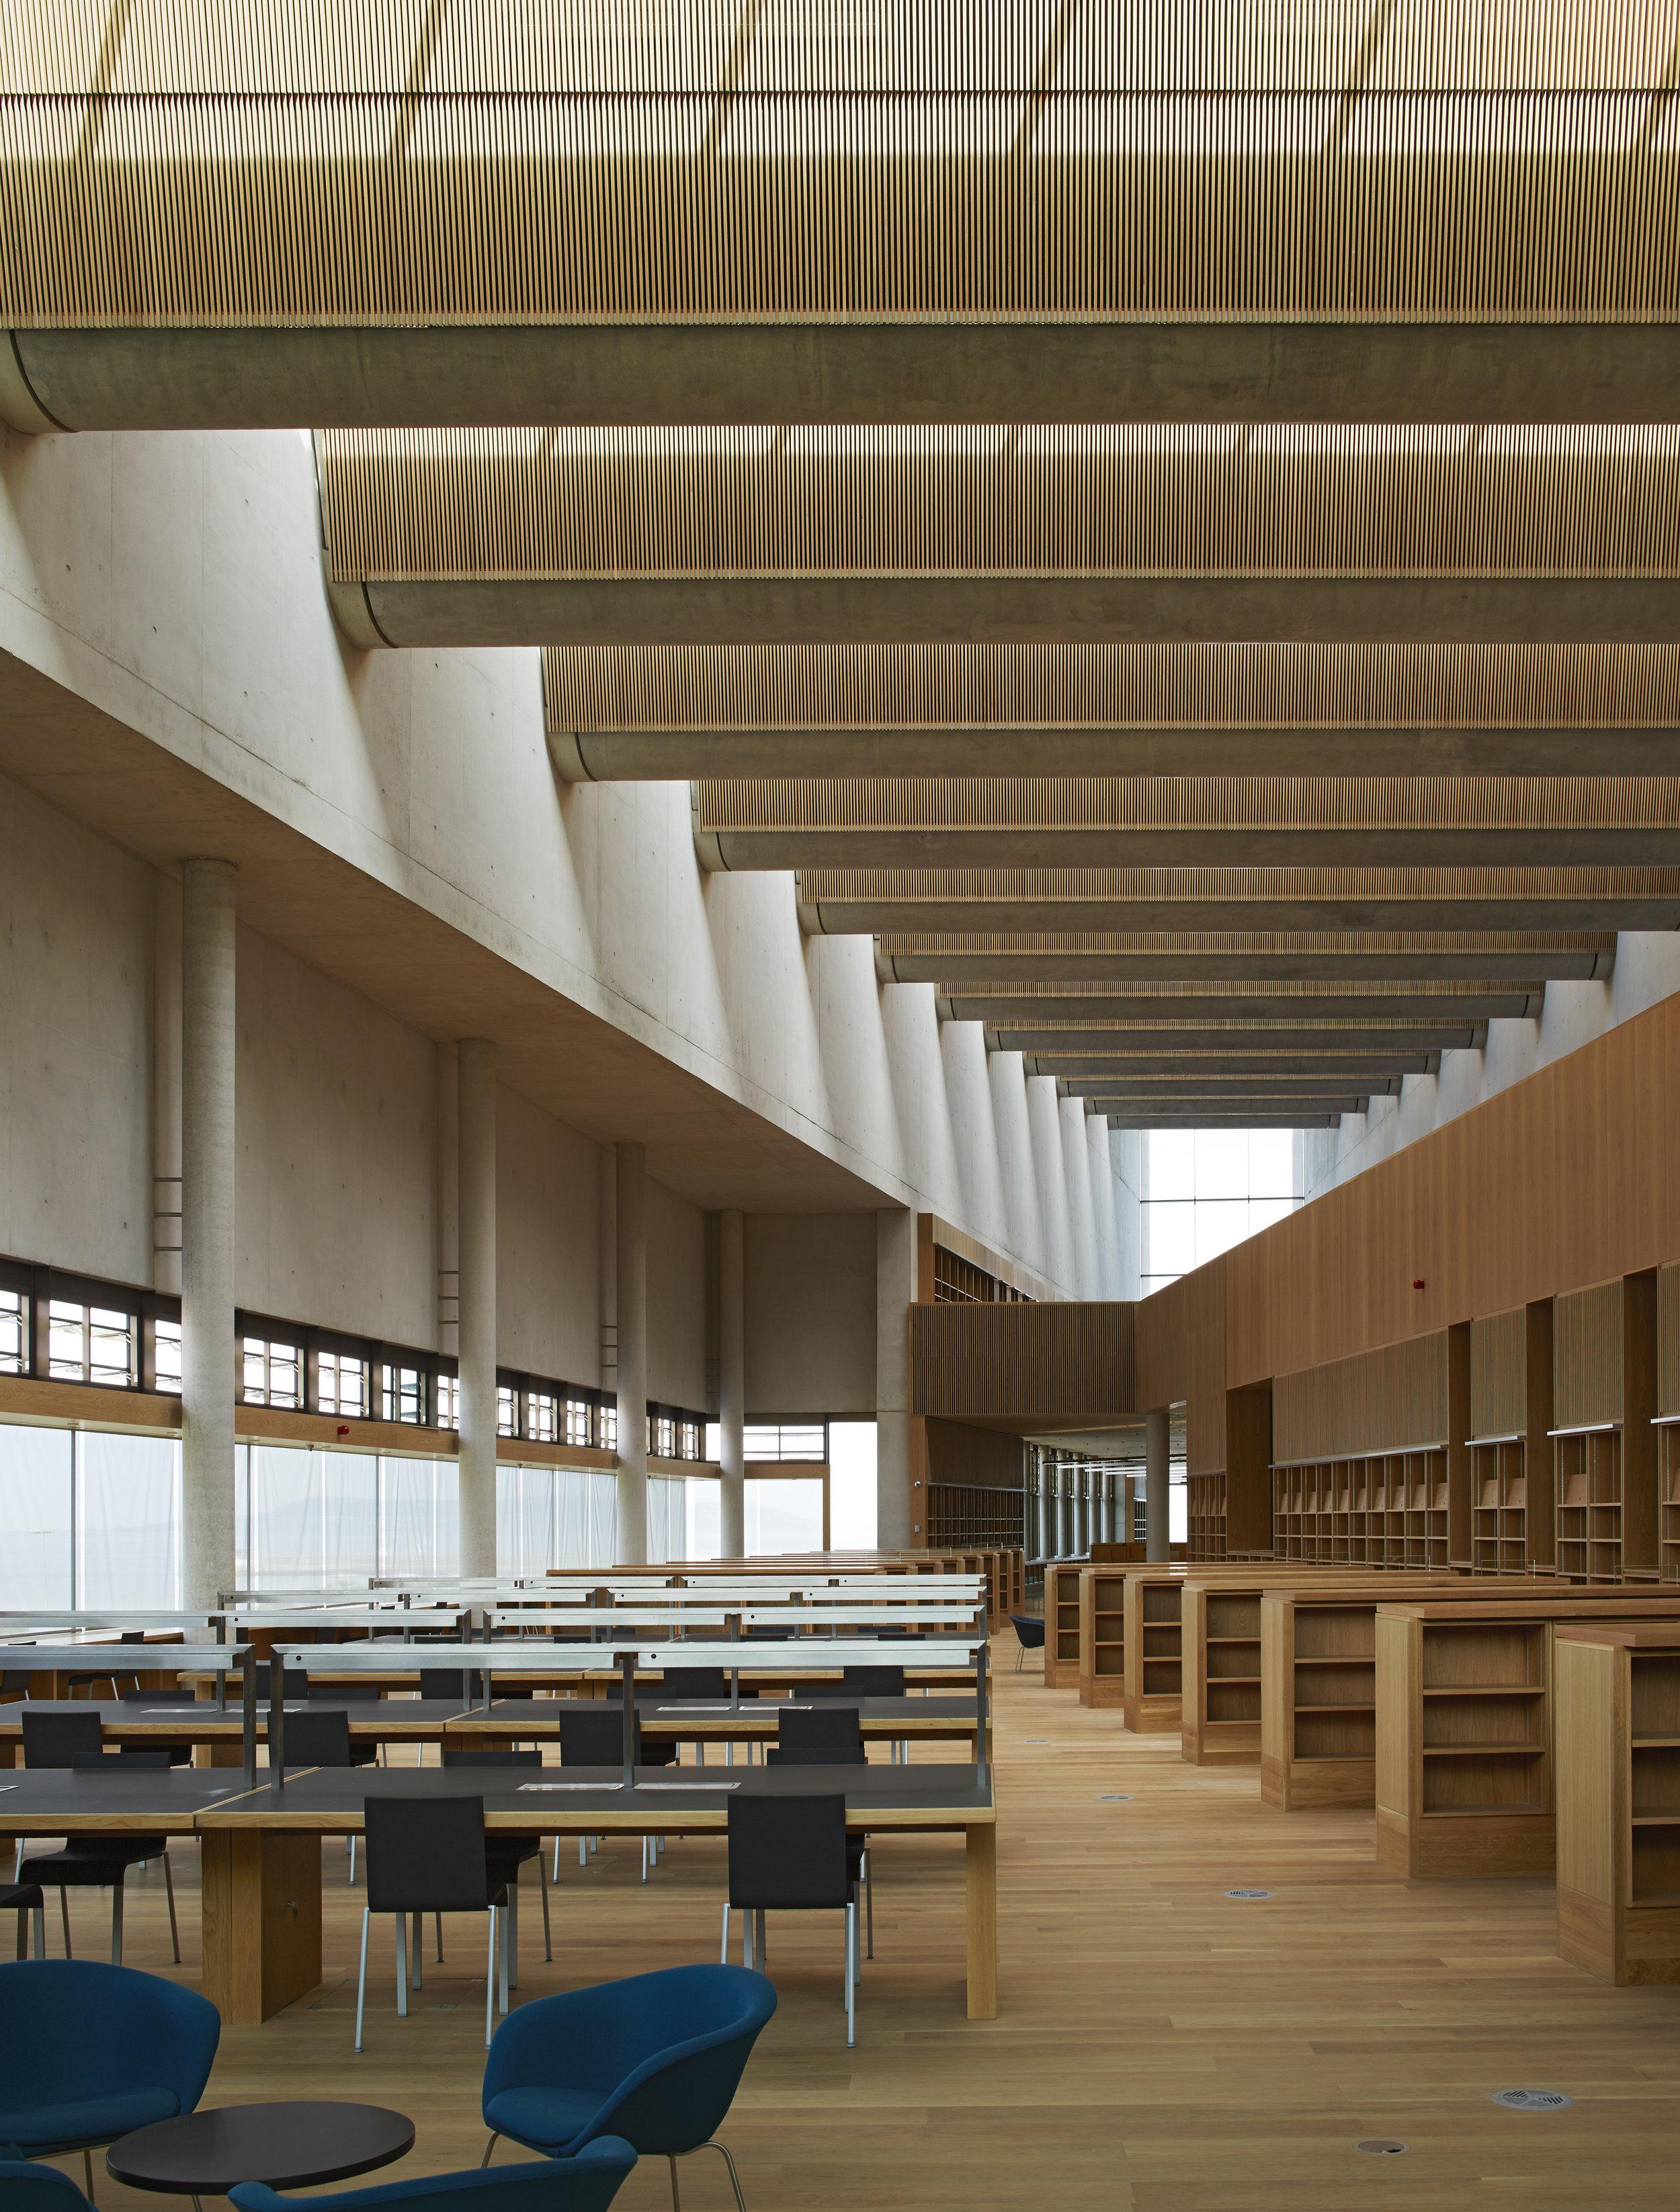 Dun Laoghaire Library#Dublin